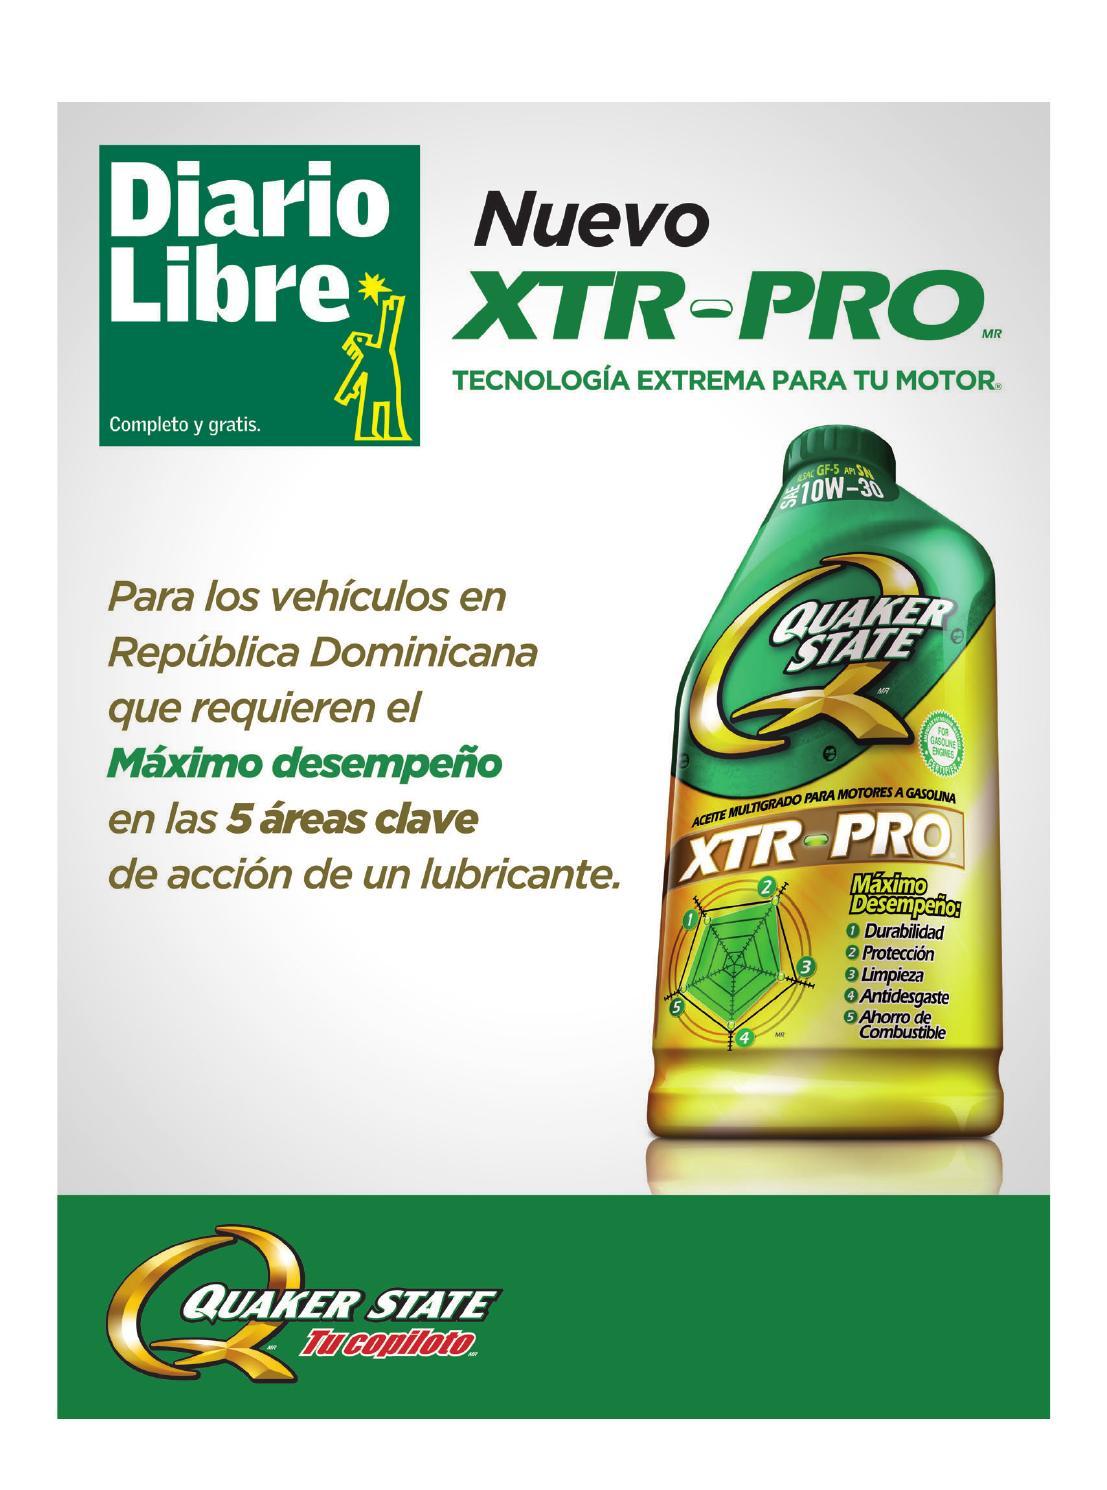 Diariolibre4031 by Grupo Diario Libre, S. A. - issuu